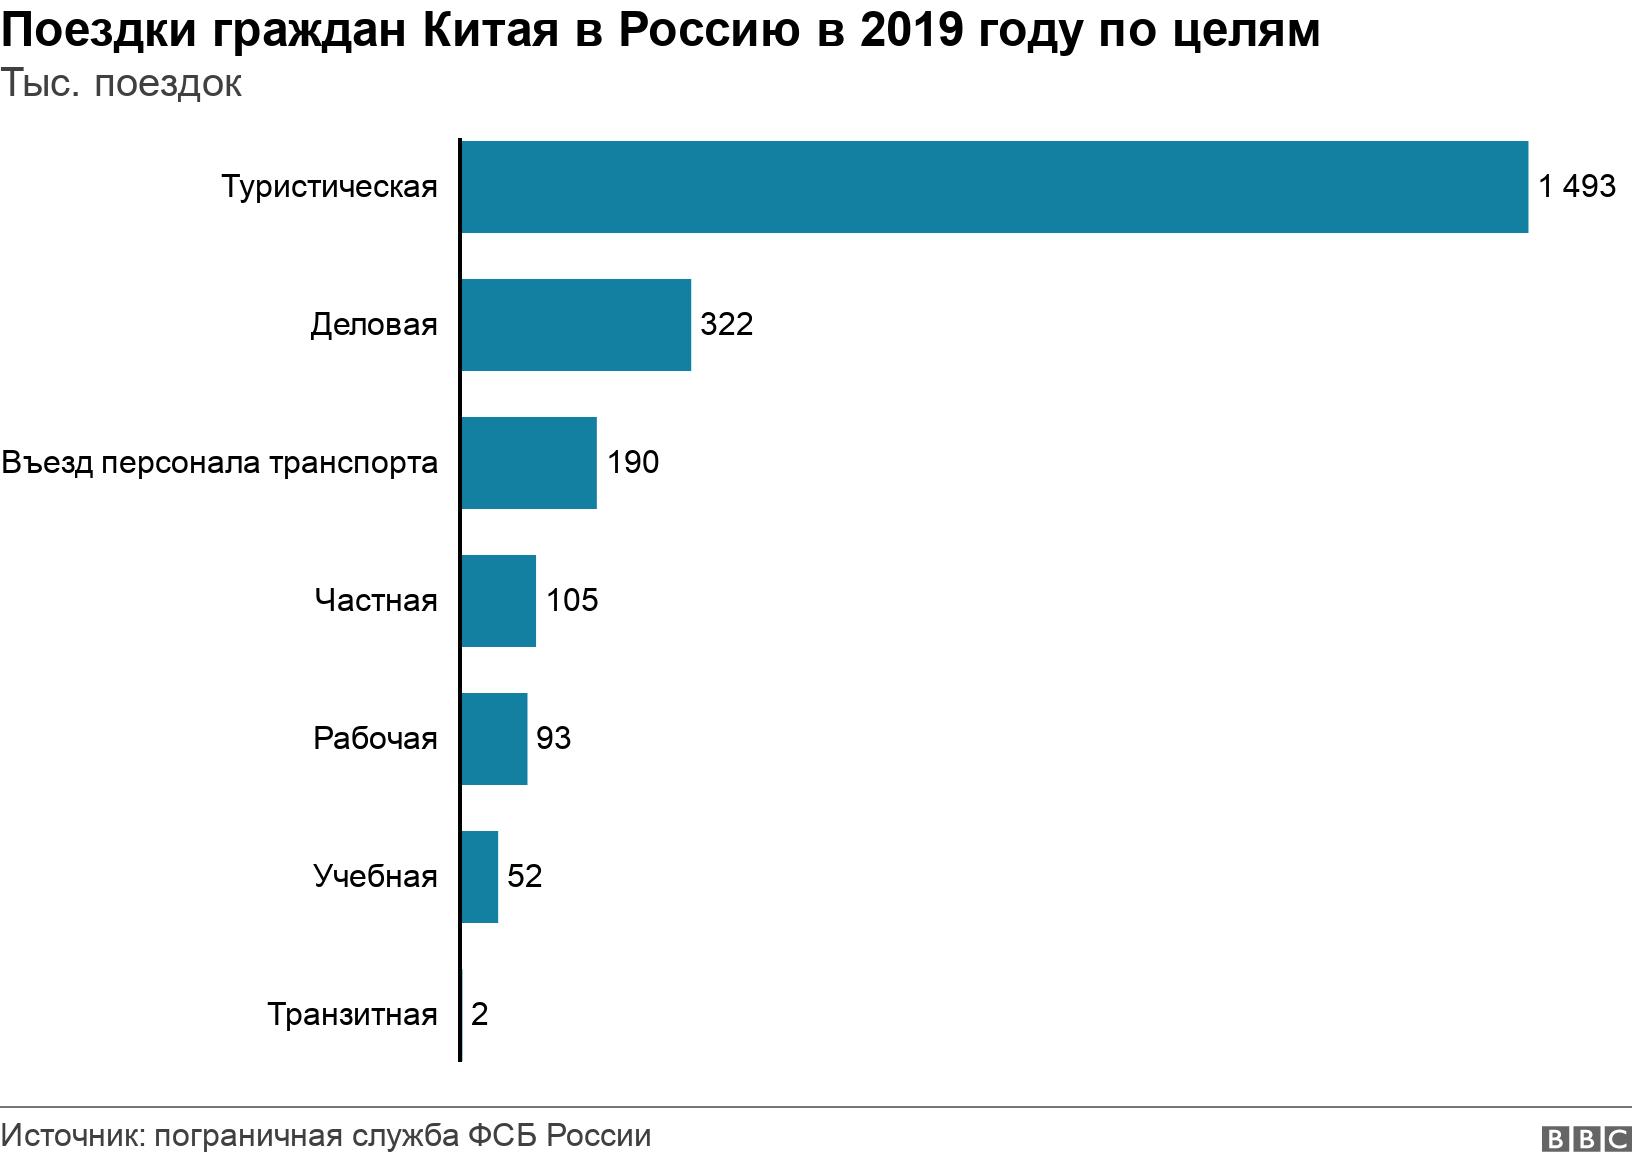 Поездки граждан Китая в Россию в 2019 году по целям. Тыс. поездок.  .